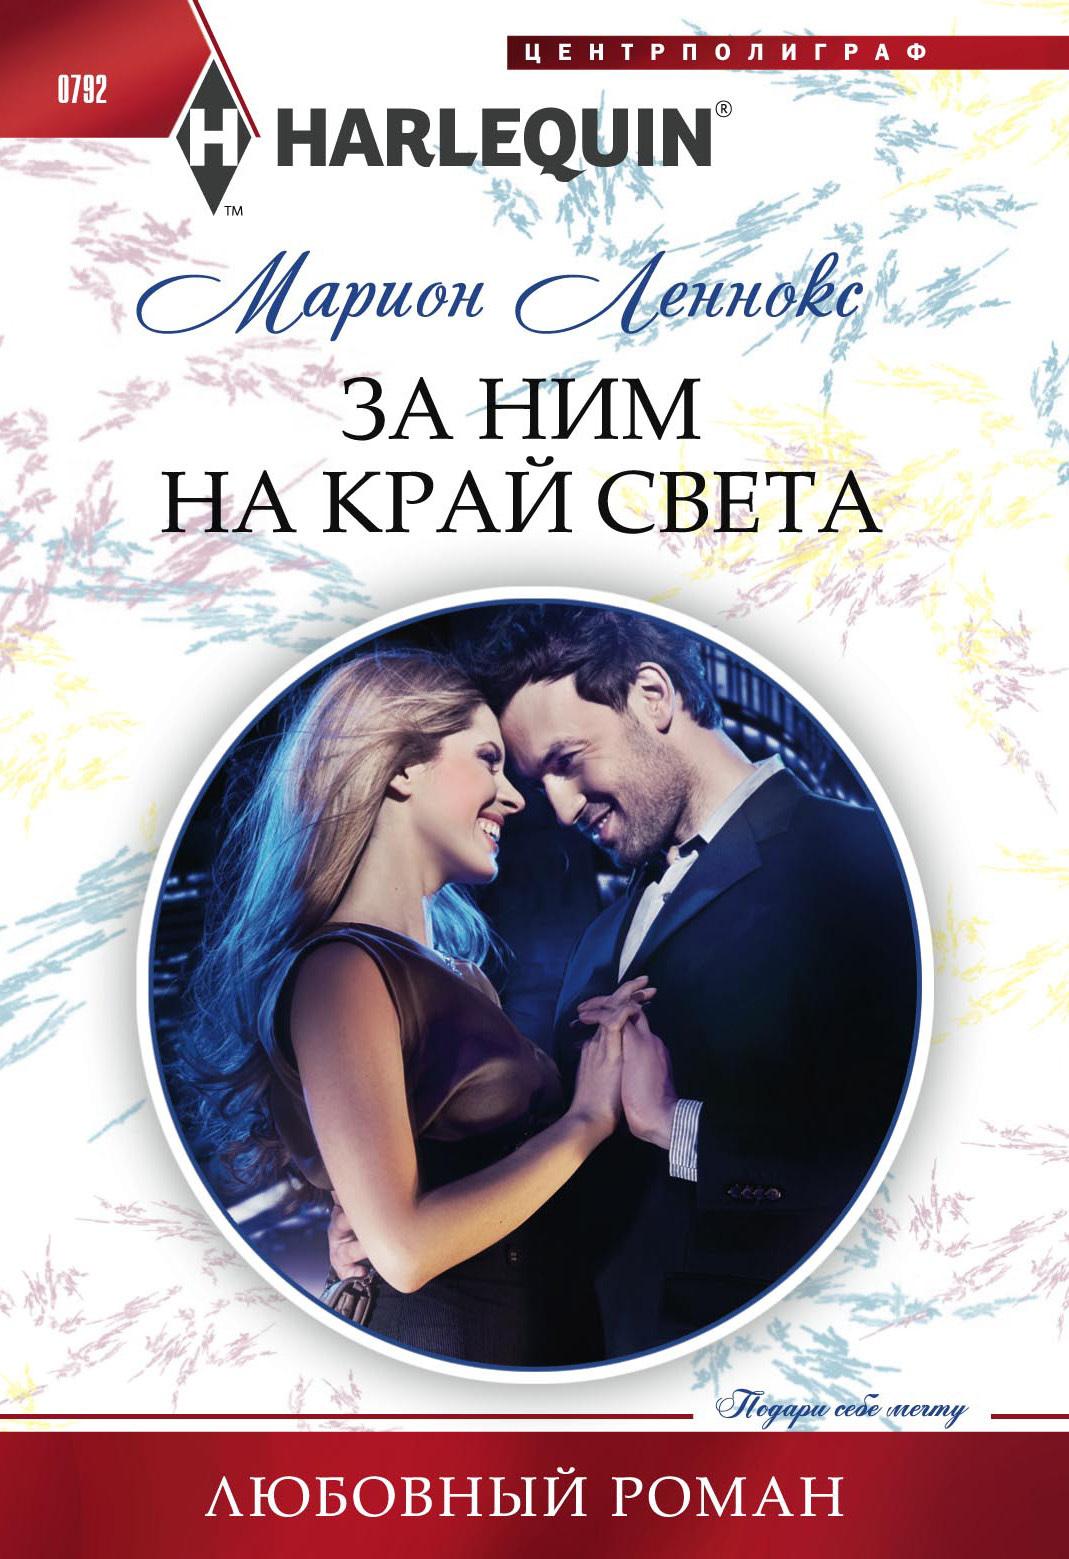 Эротический любовный роман читать онлайн — 11